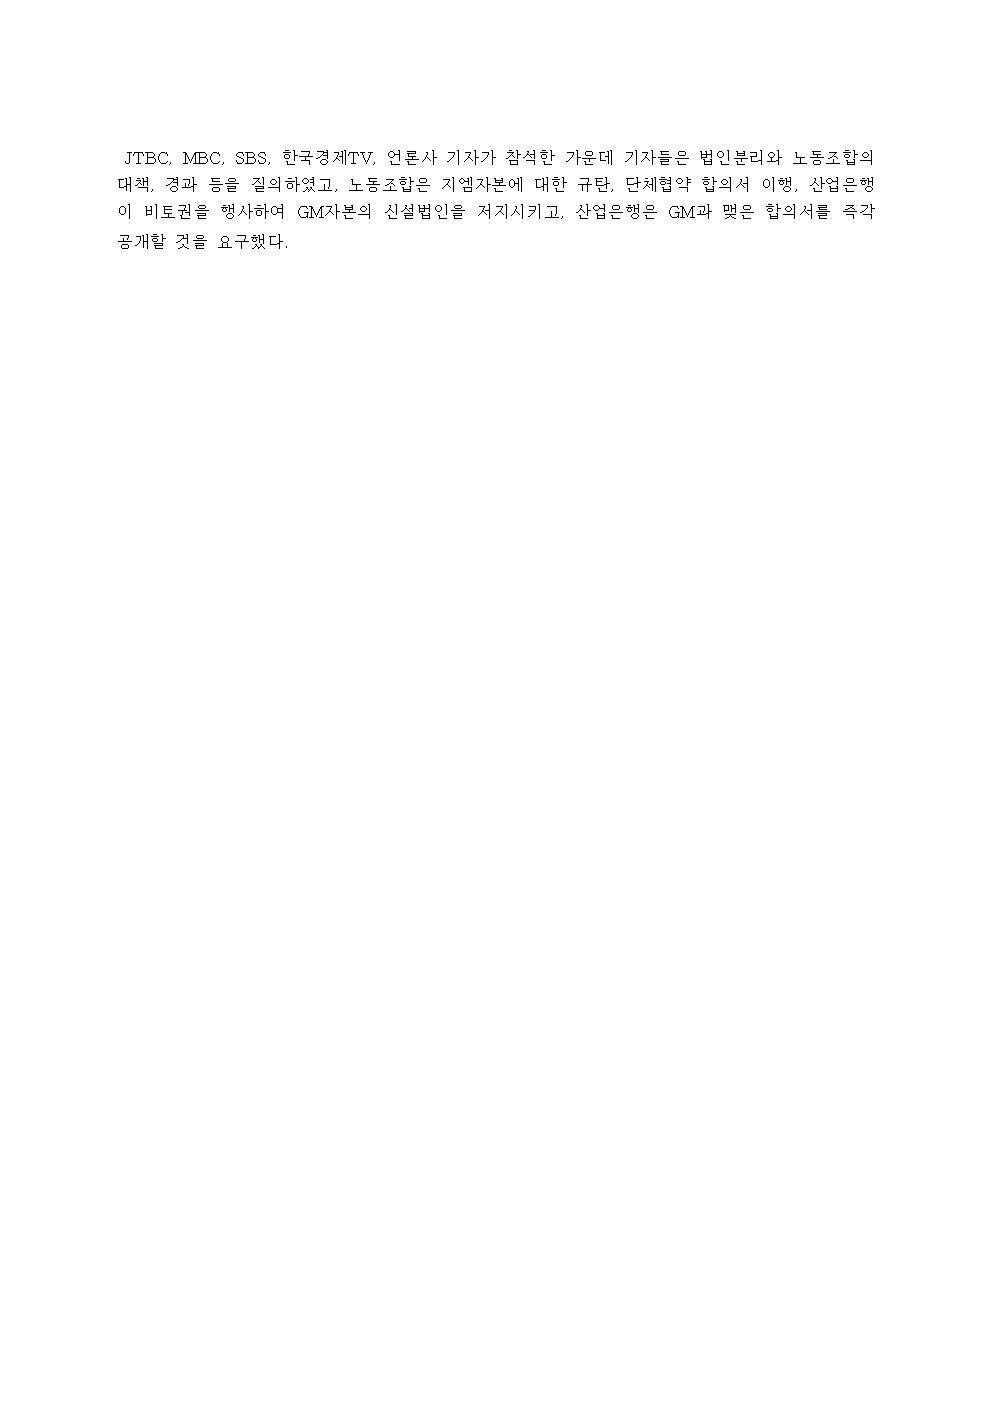 464차간부합동회의결과002.jpg